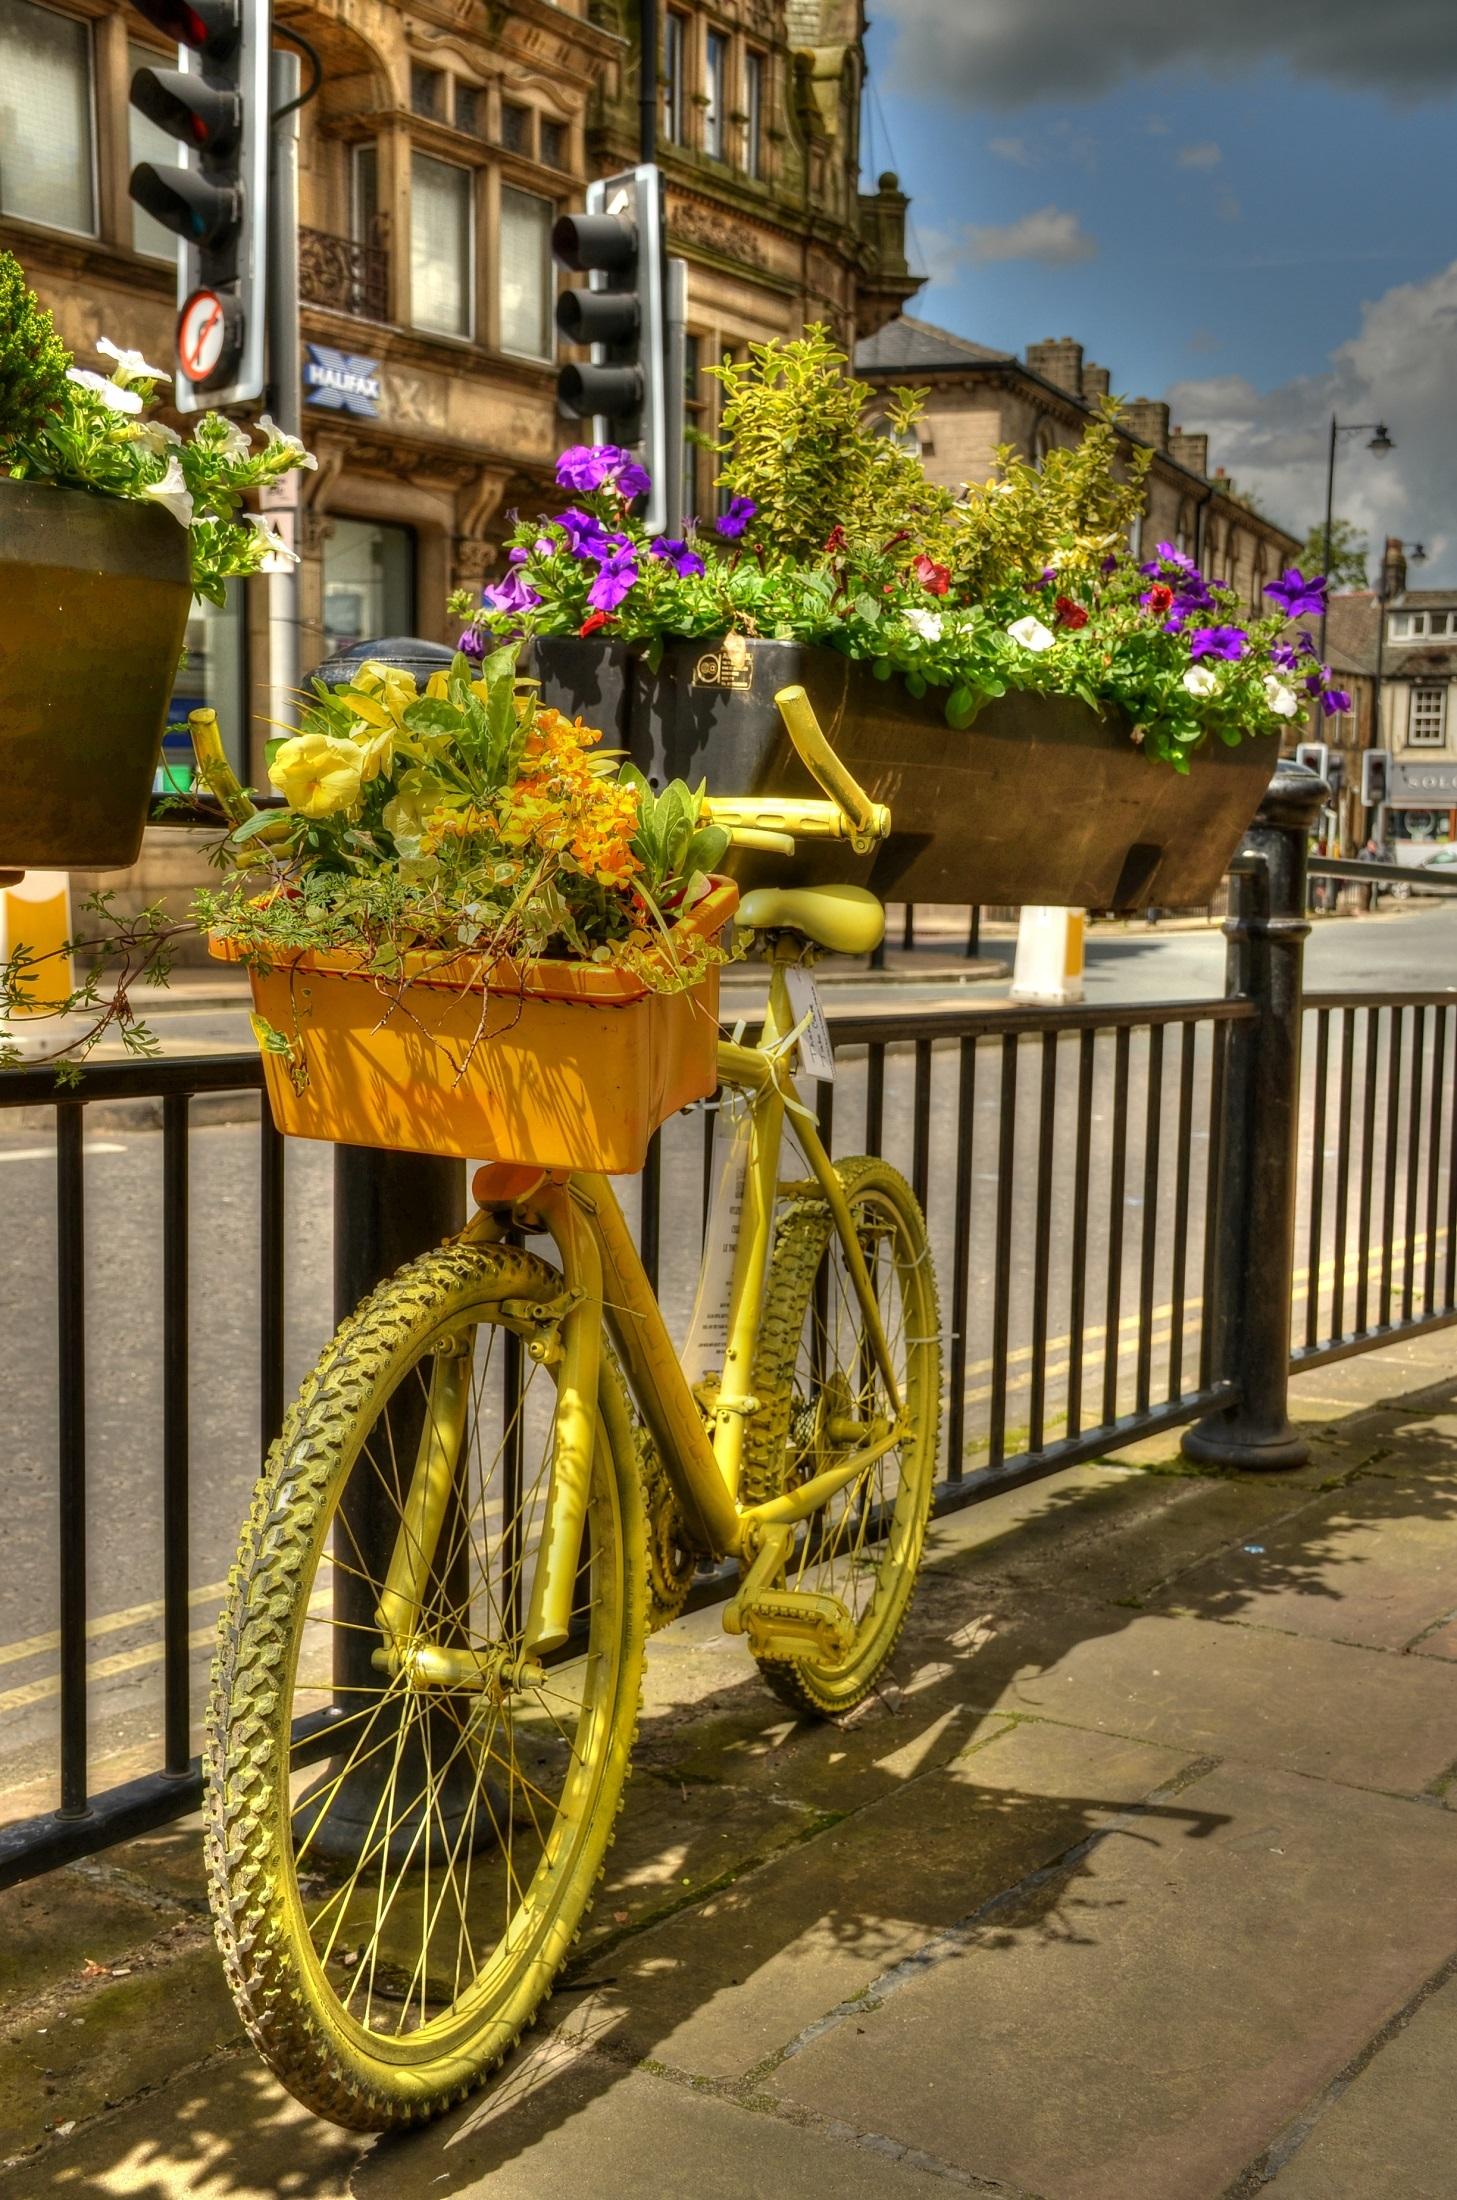 Images Gratuites : route, rue, trottoir, fleur, ville, vélo ...